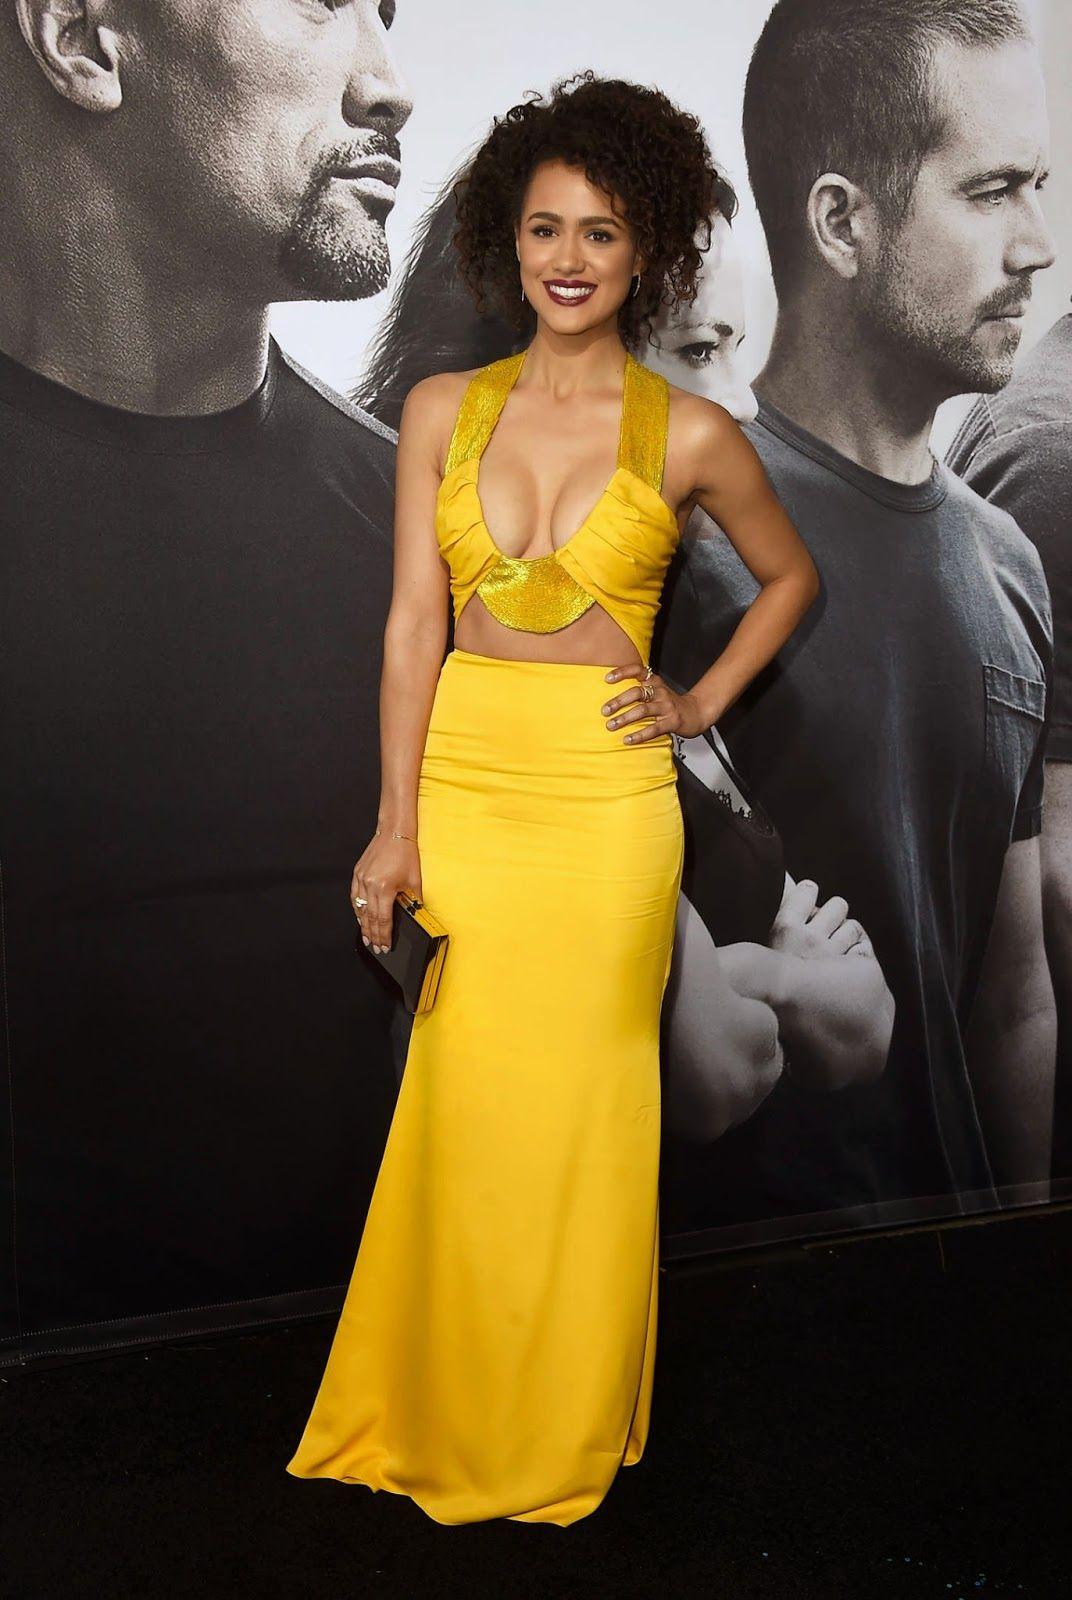 Nathalie emmanuel bares cleavage at the ufurious u premiere in la